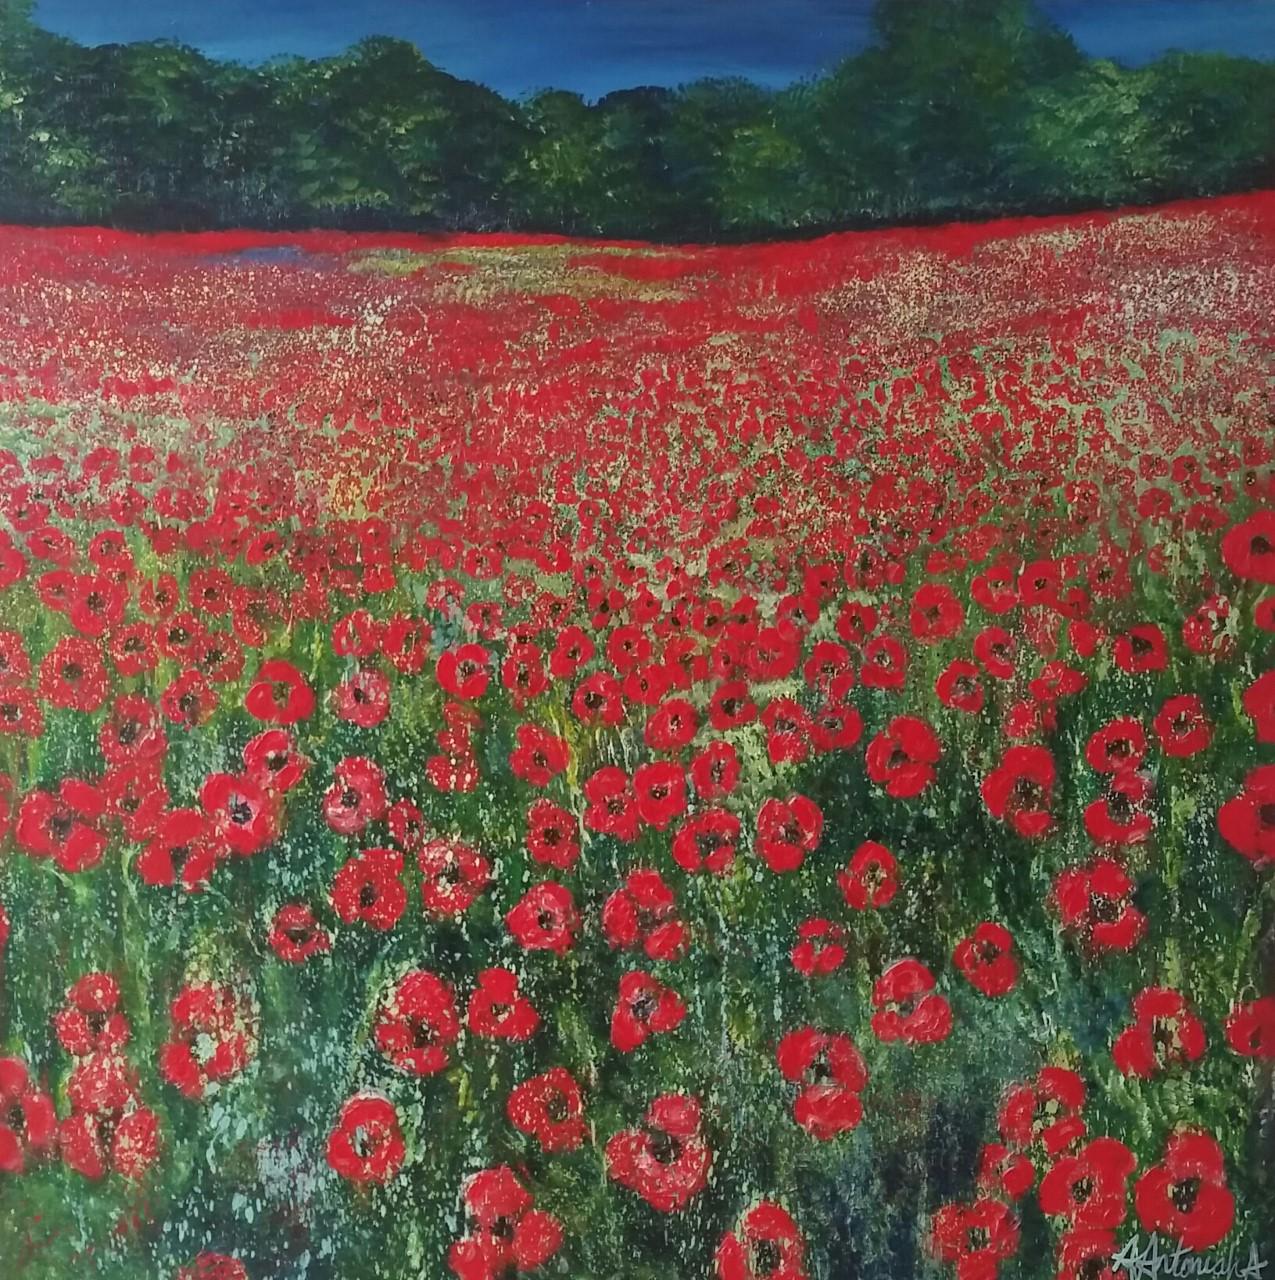 Poppy Meadow in June